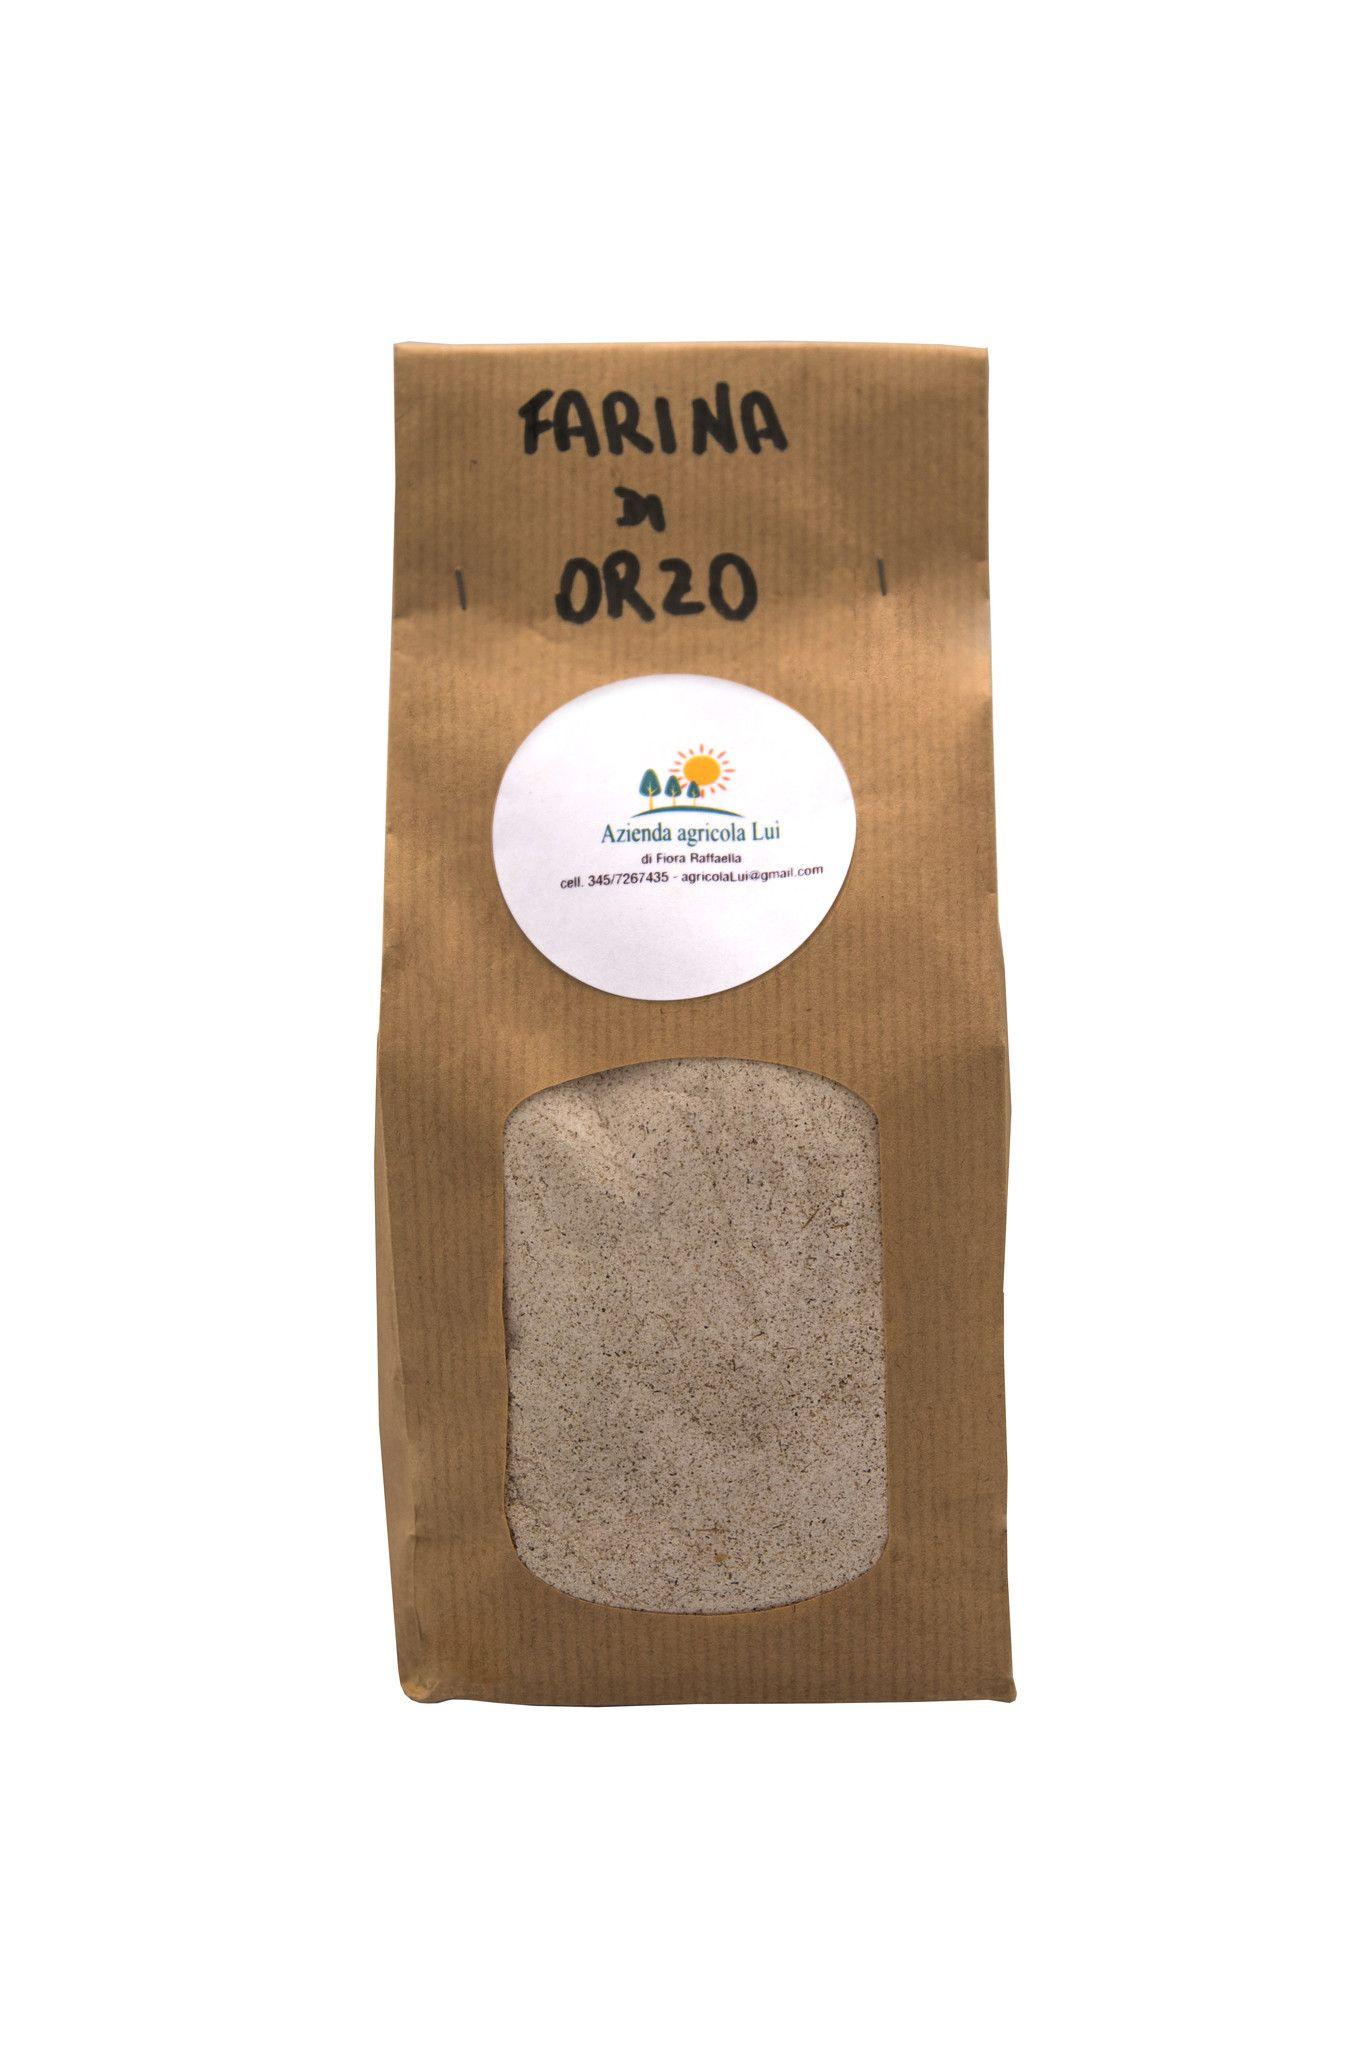 Farina Integrale di orzo 0,5 kg